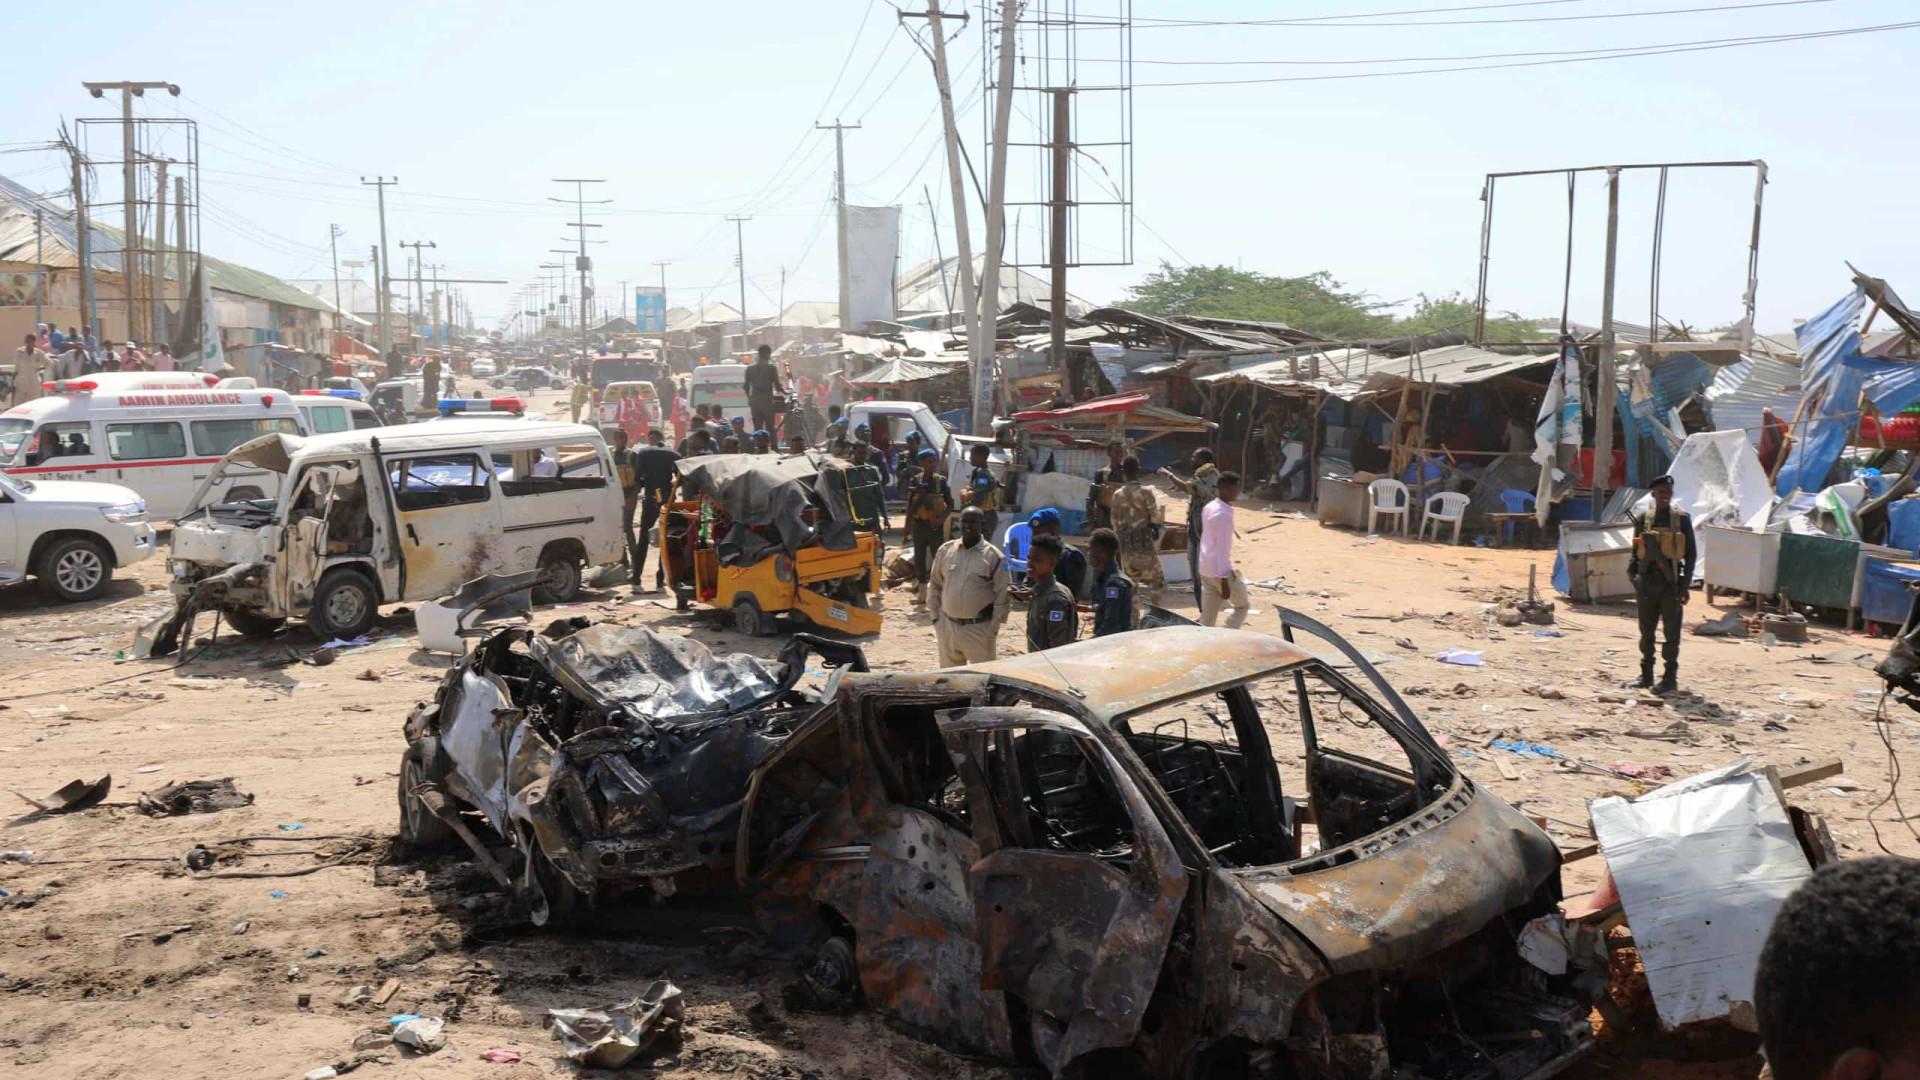 Somália é dos lugares mais perigosos do mundo para jornalistas